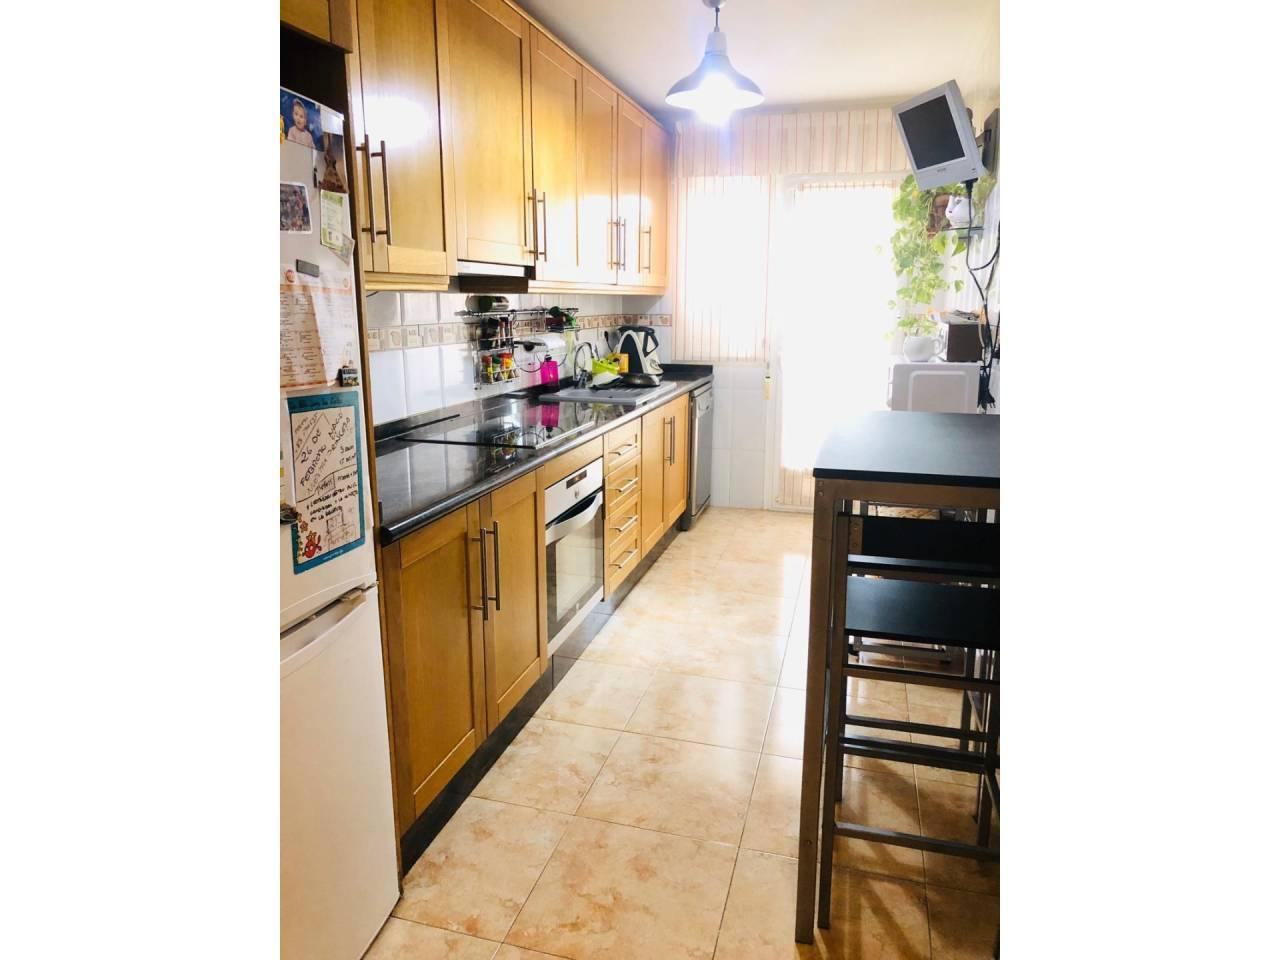 Piso  Calle general bañuls. Altura piso 2º, piso superficie total 100 m², superficie útil 95